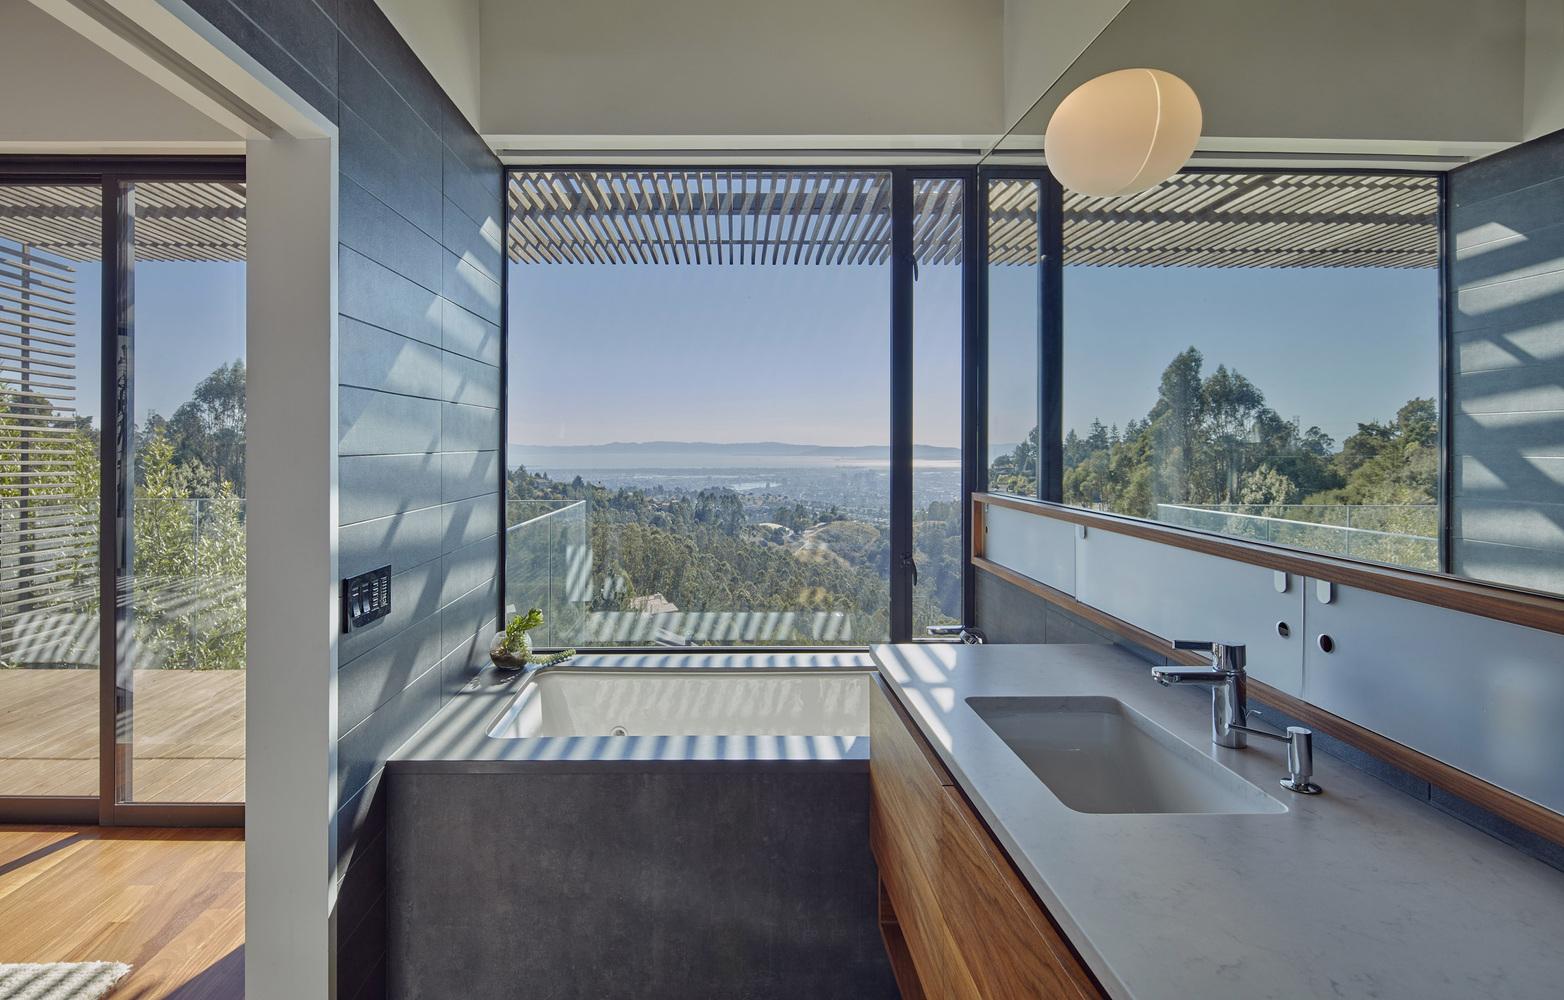 hình ảnh góc phòng bếp hiện đại, cửa kính trong suốt hướng ra cảnh quan vịnh Tây Nam và cầu Cổng Vàng